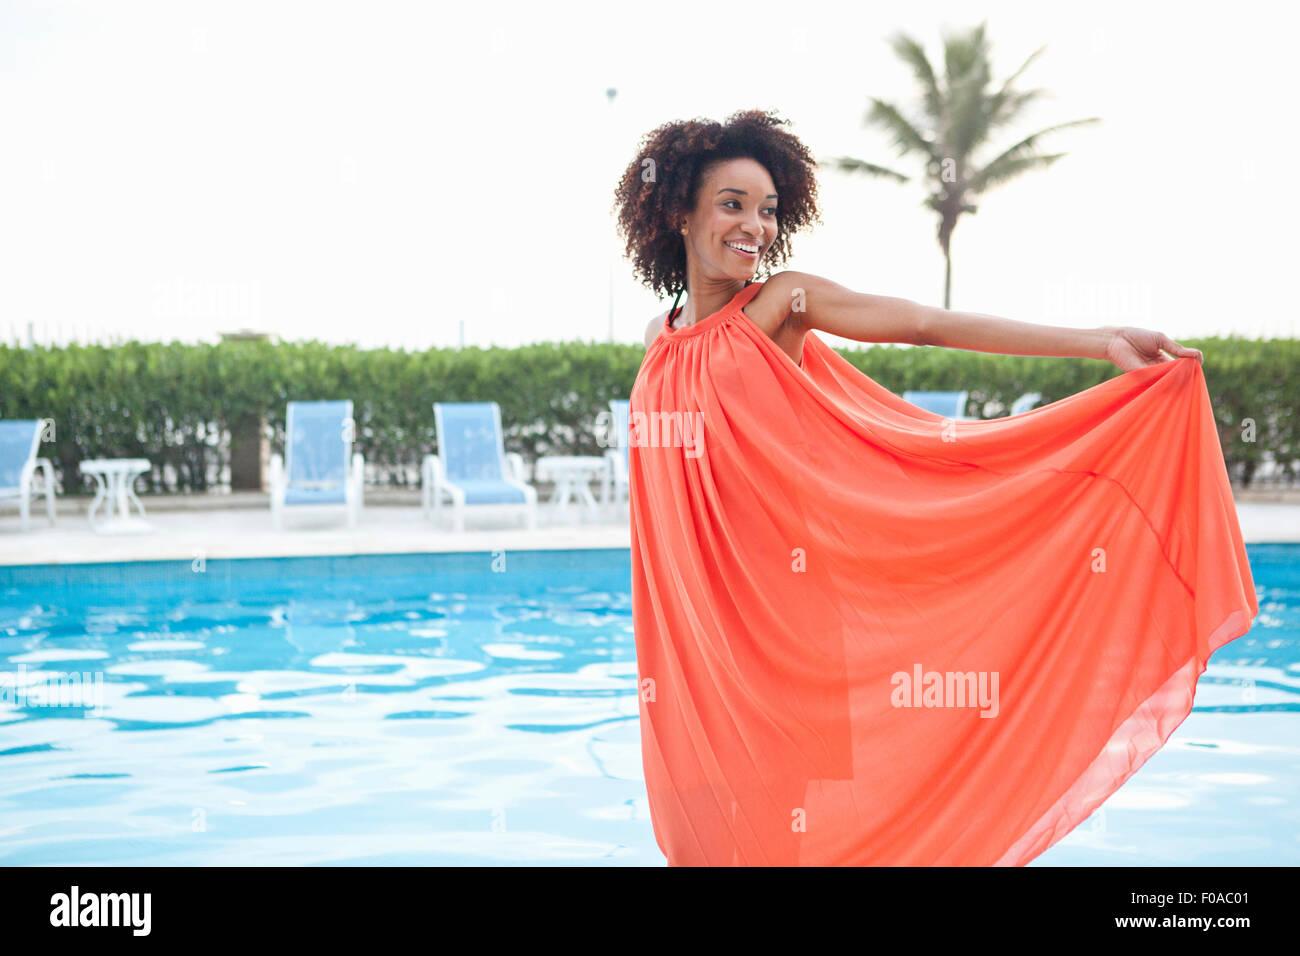 Portrait de jeune femme portant robe orange à l'hôtel Piscine, Rio de Janeiro, Brésil Photo Stock